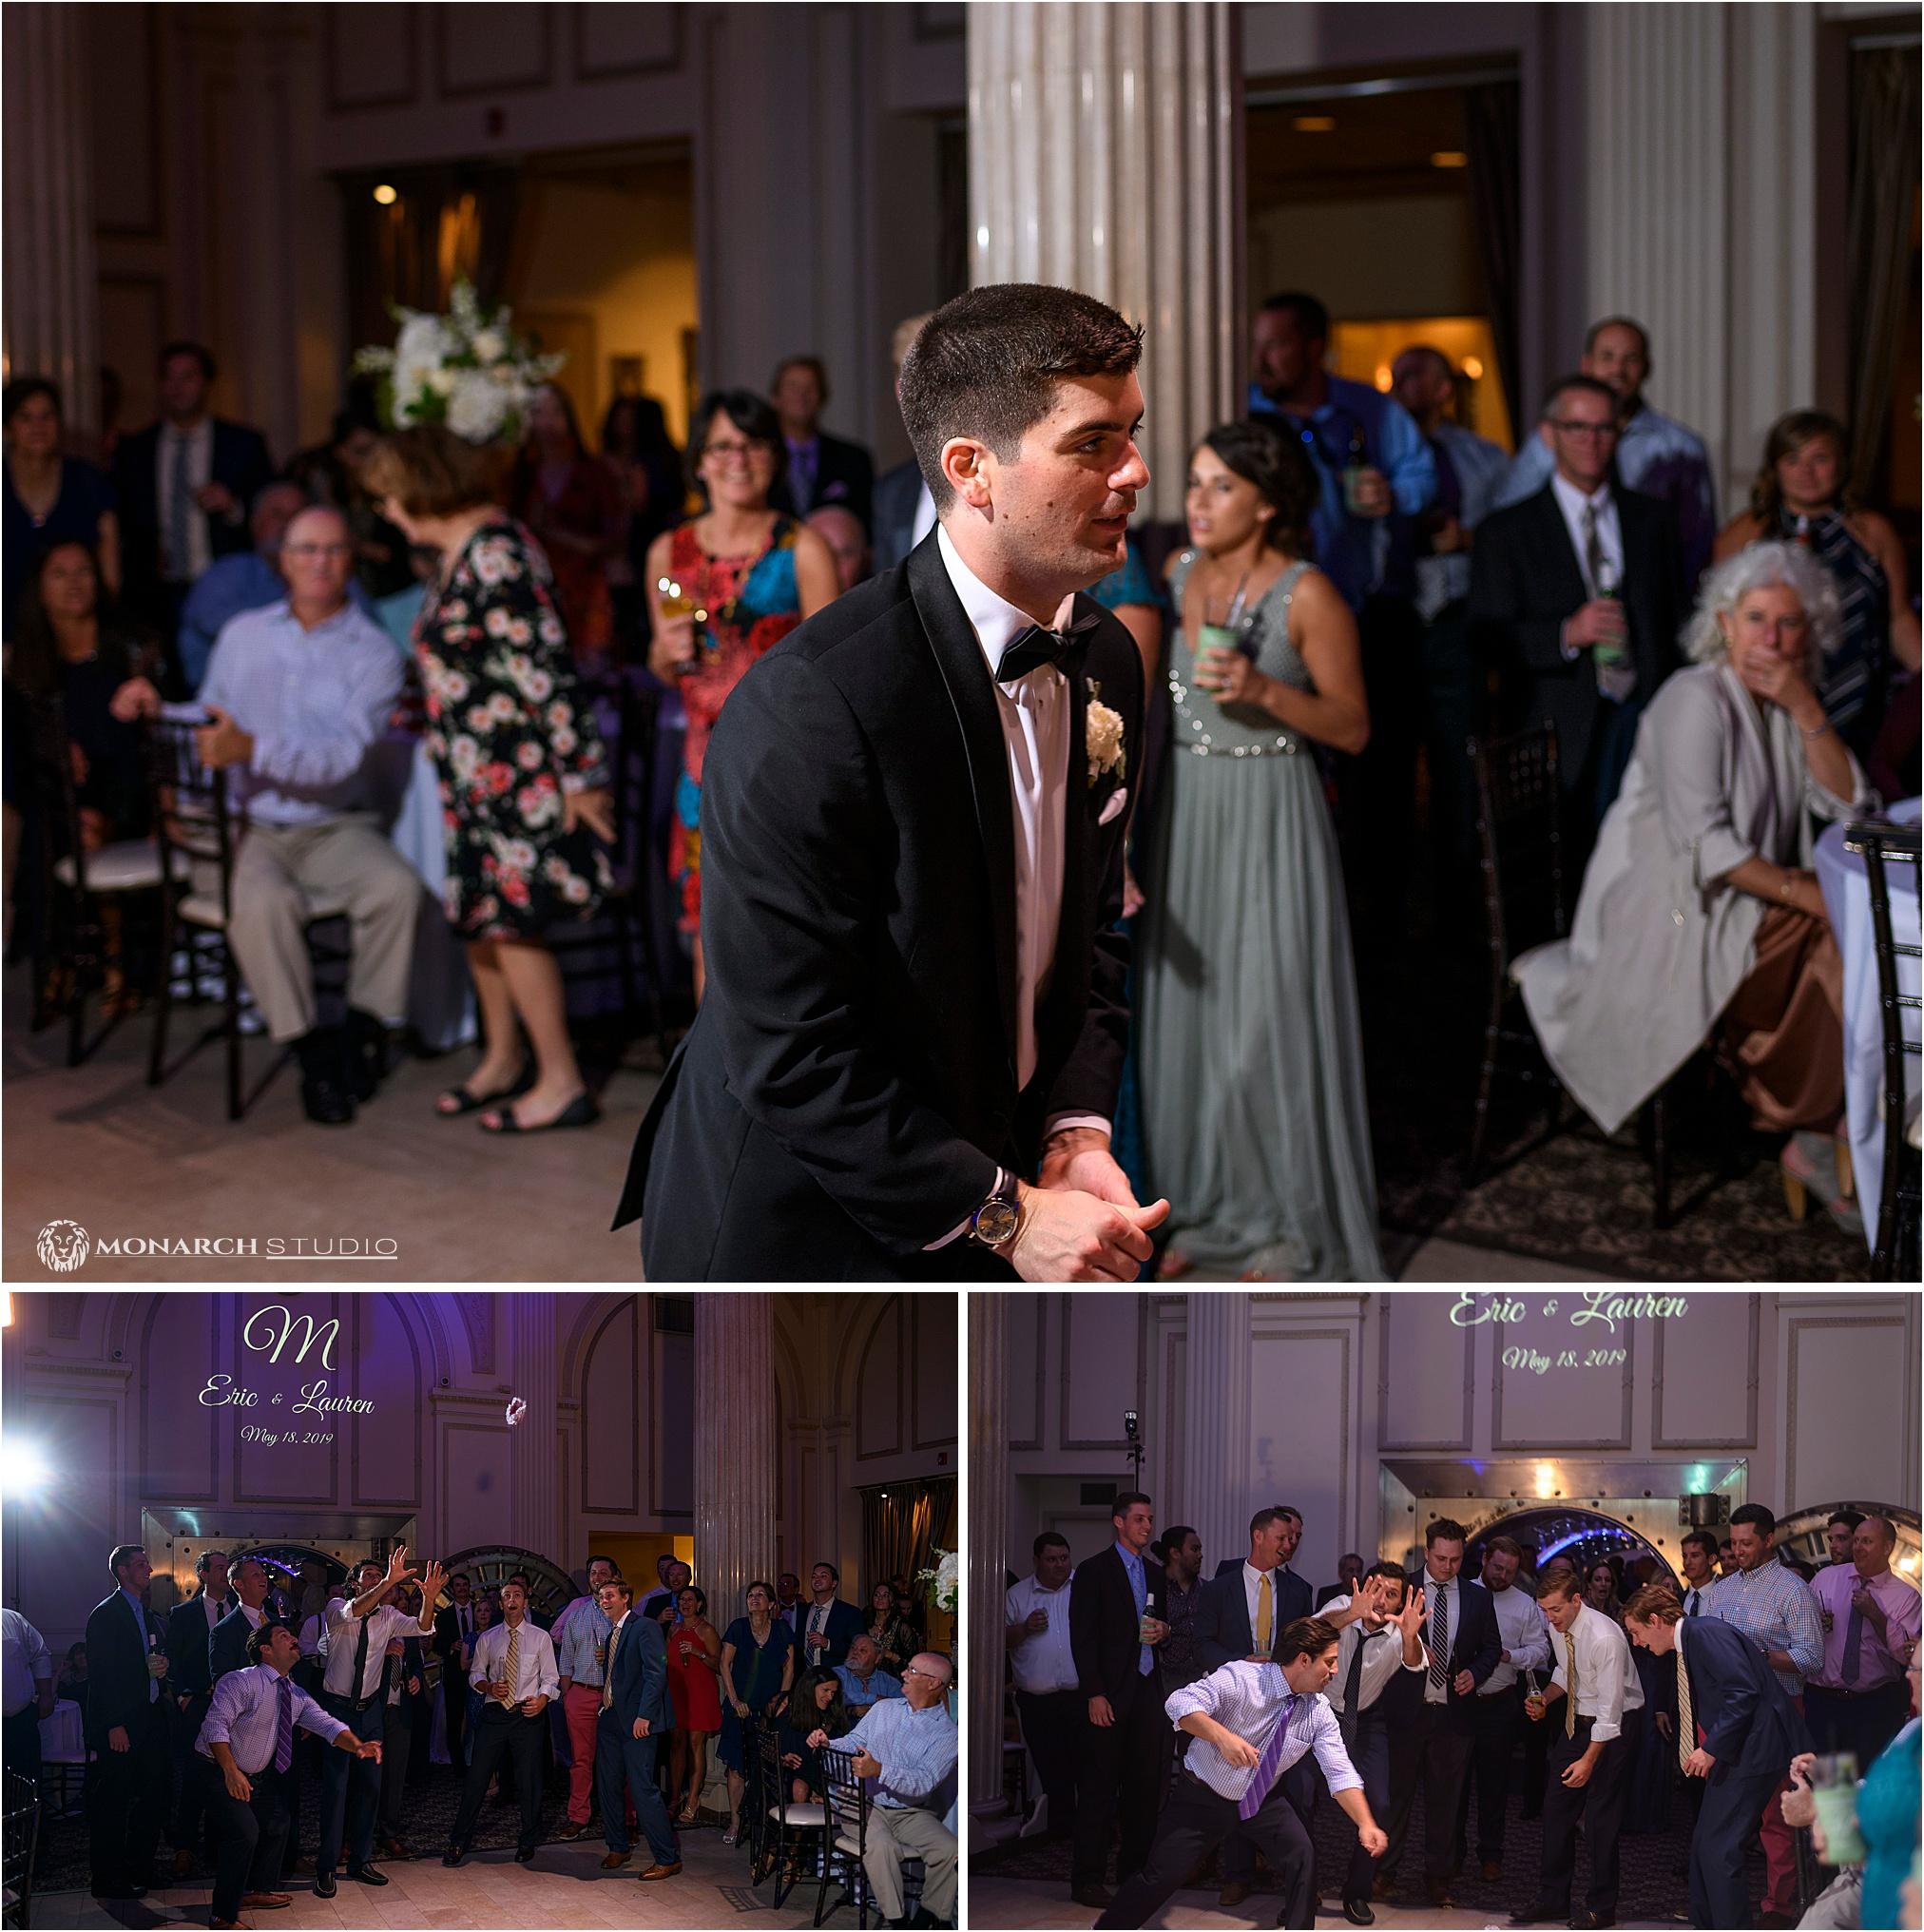 Wedding-PHotographer-in-st-augustine-2019-133.jpg